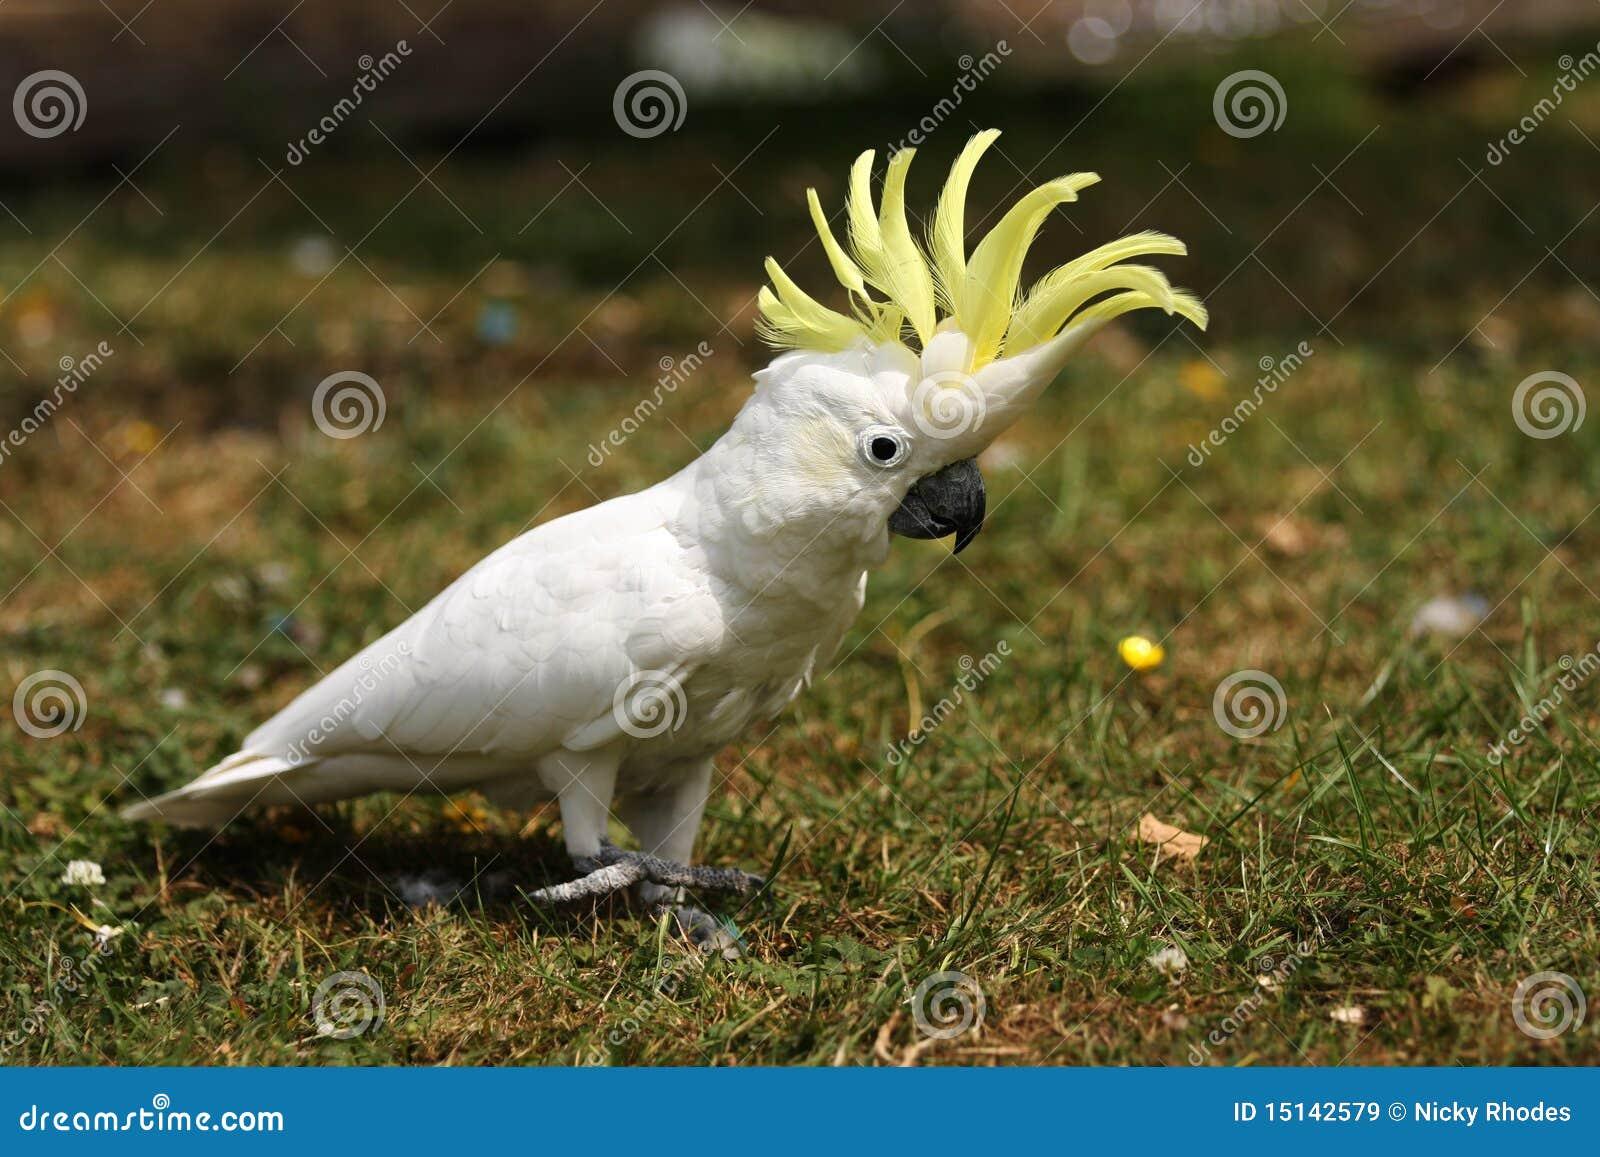 Kleiner schwefeln mit Haube Cockatoo auf Gras aus